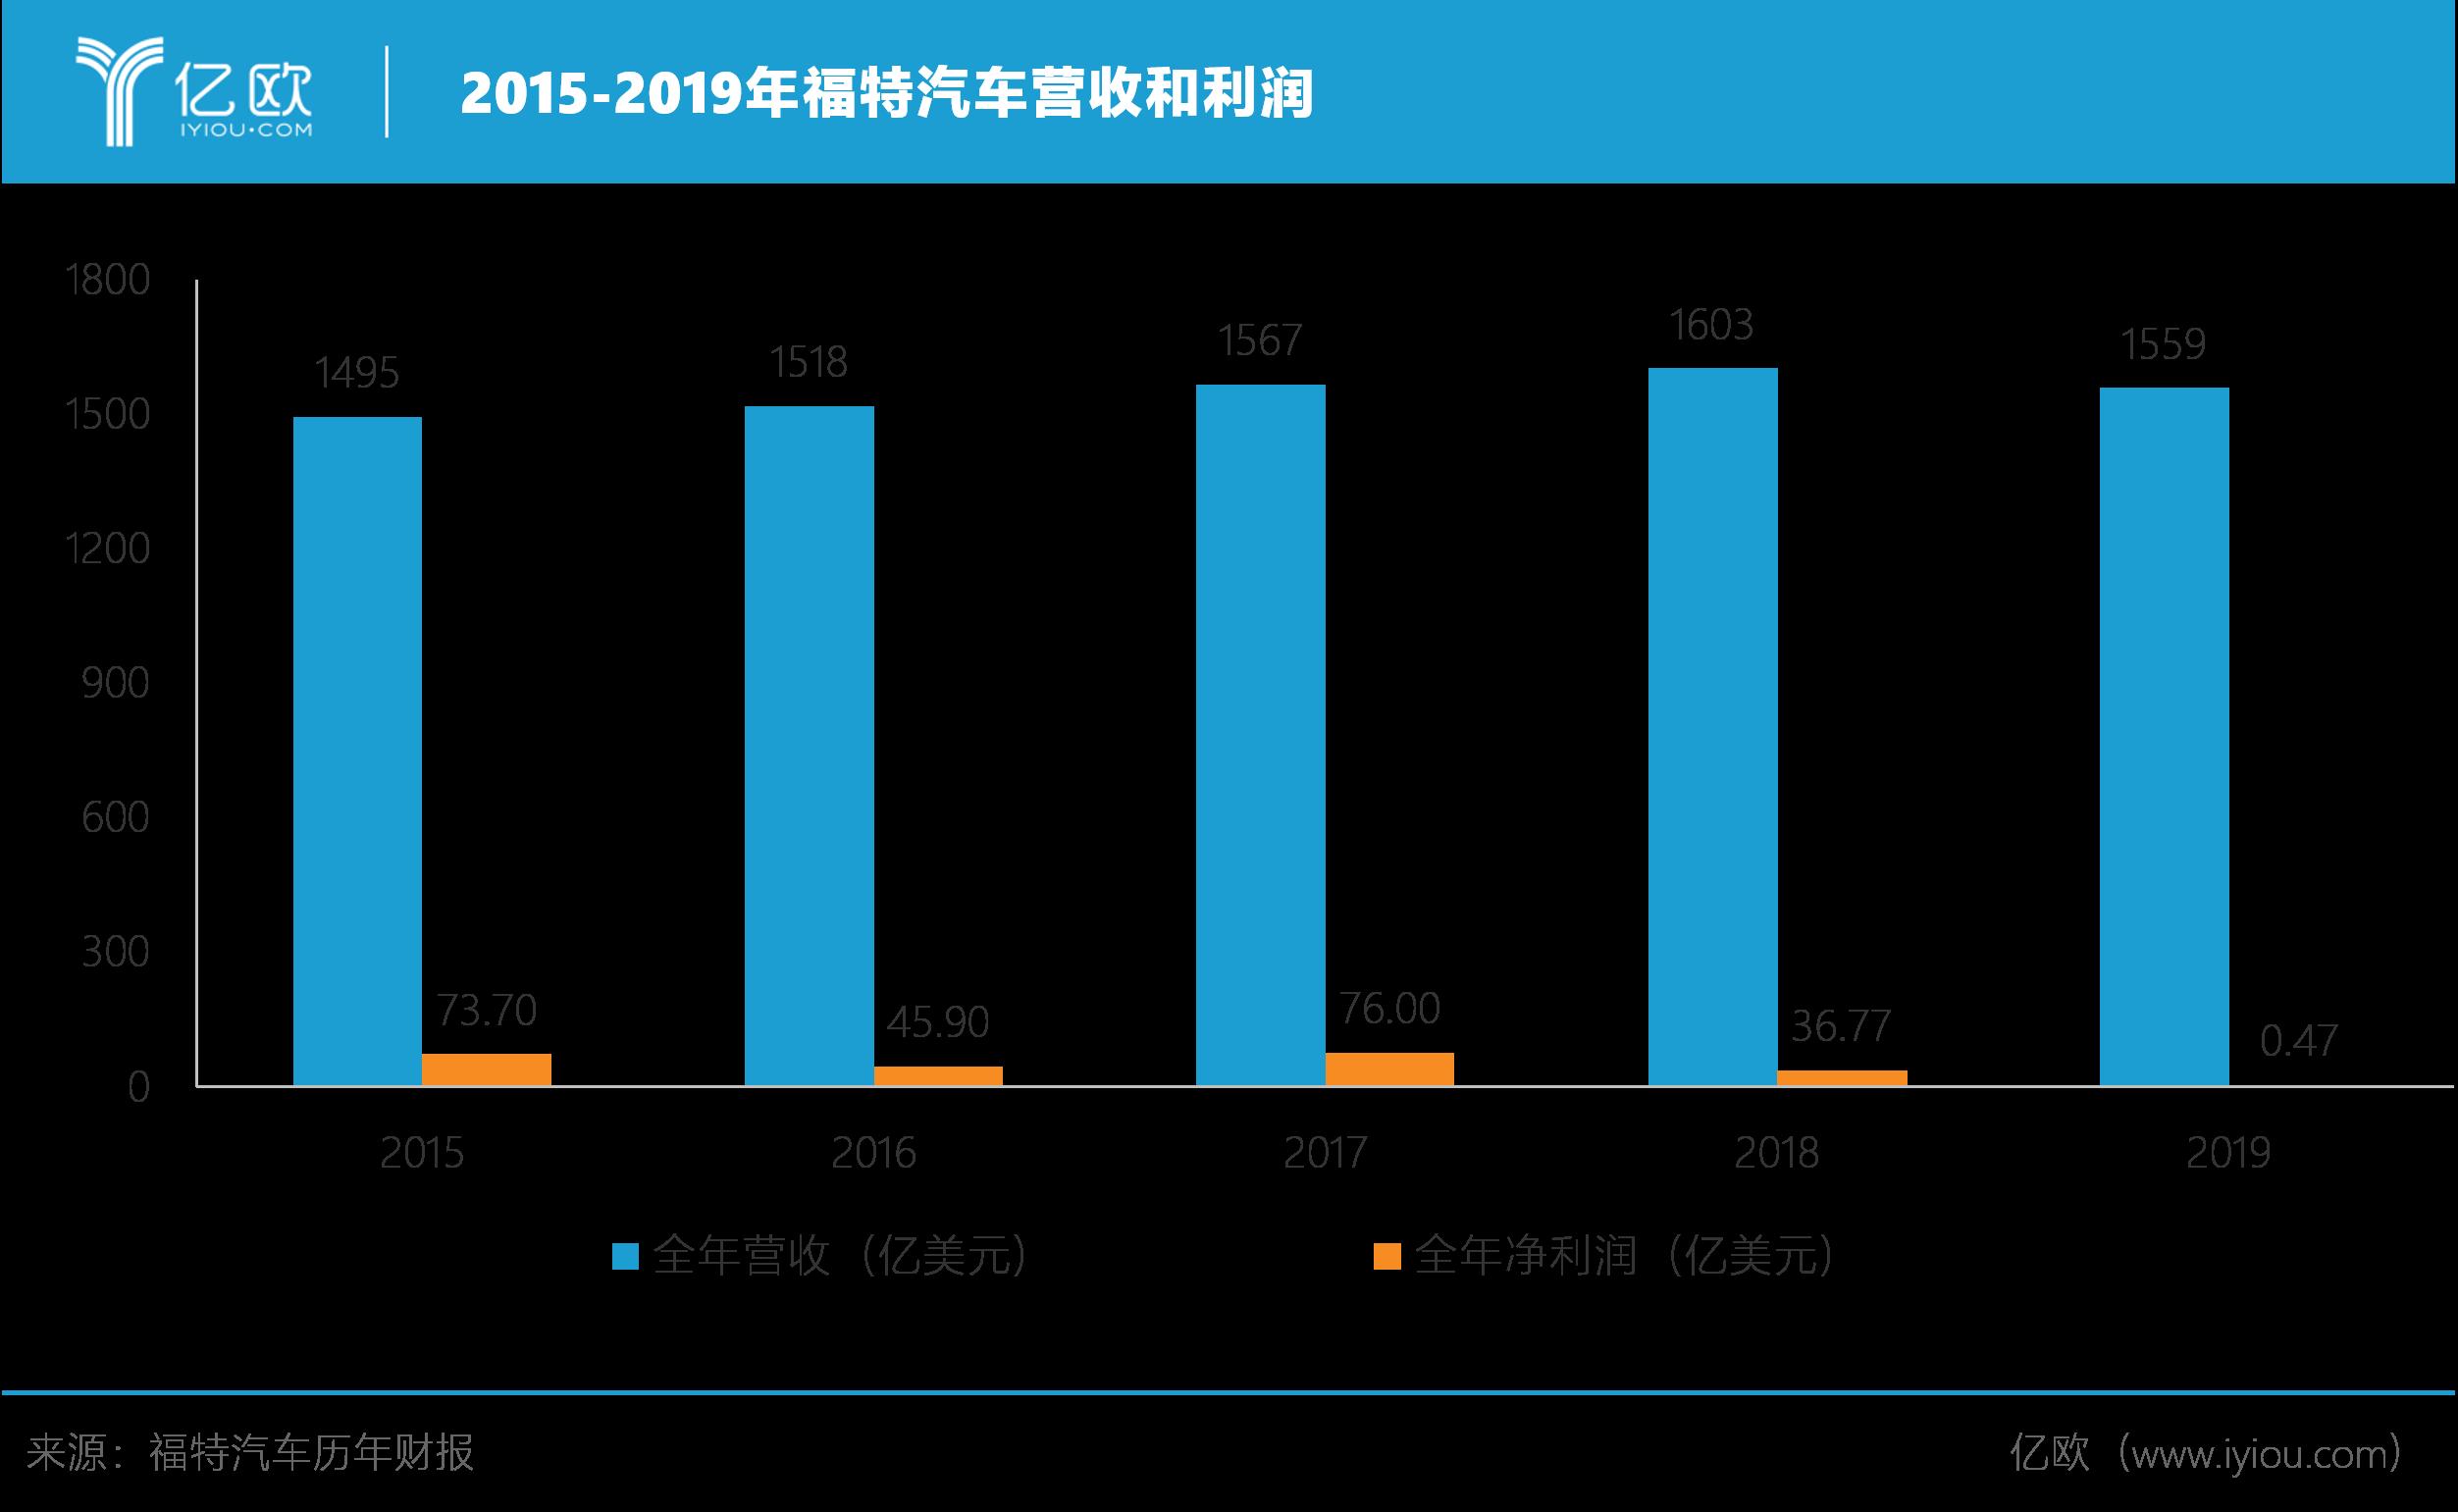 福特汽车2015-2019营收和利润.png